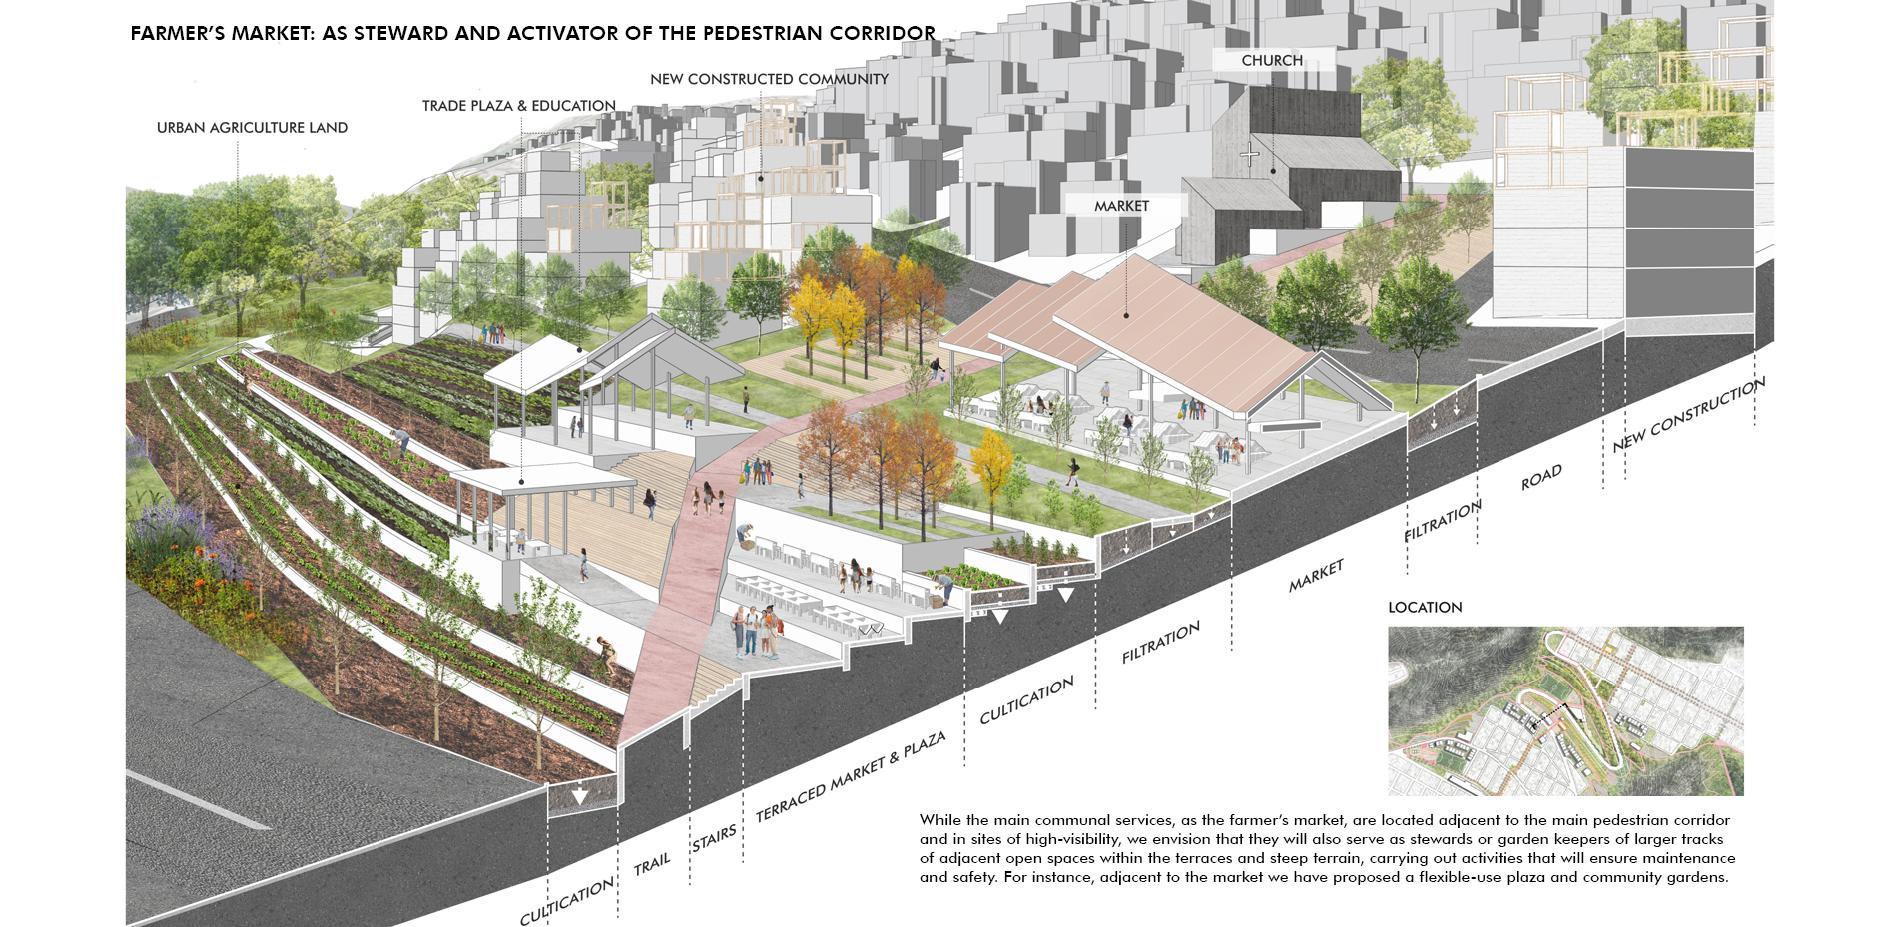 Farmer's Market: As Steward and Activator of the Pedestrian Corridor